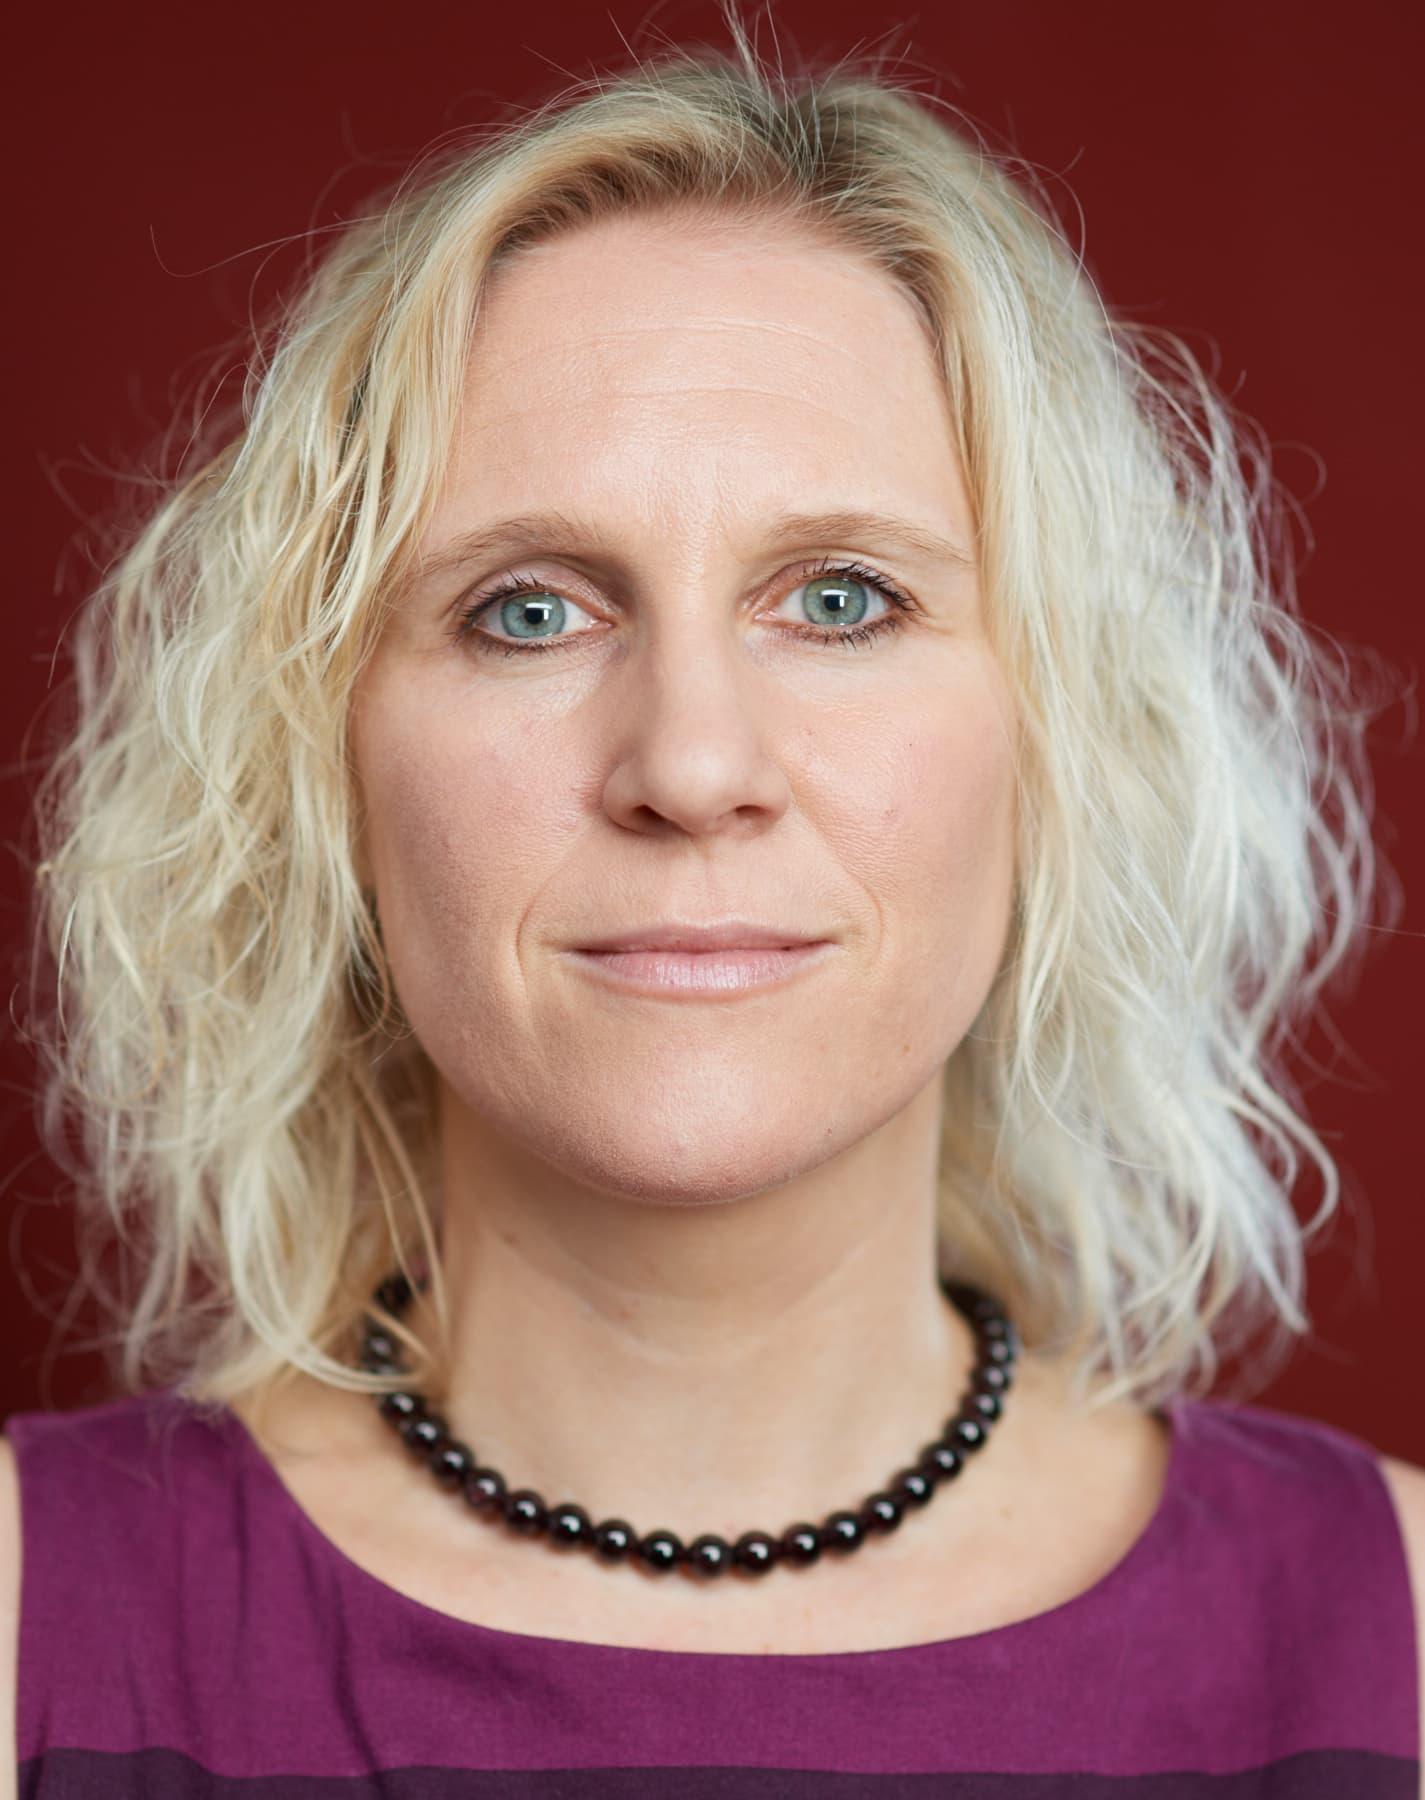 Portrait einer blonden jungen Frau mit direktem Blick in die Kamera